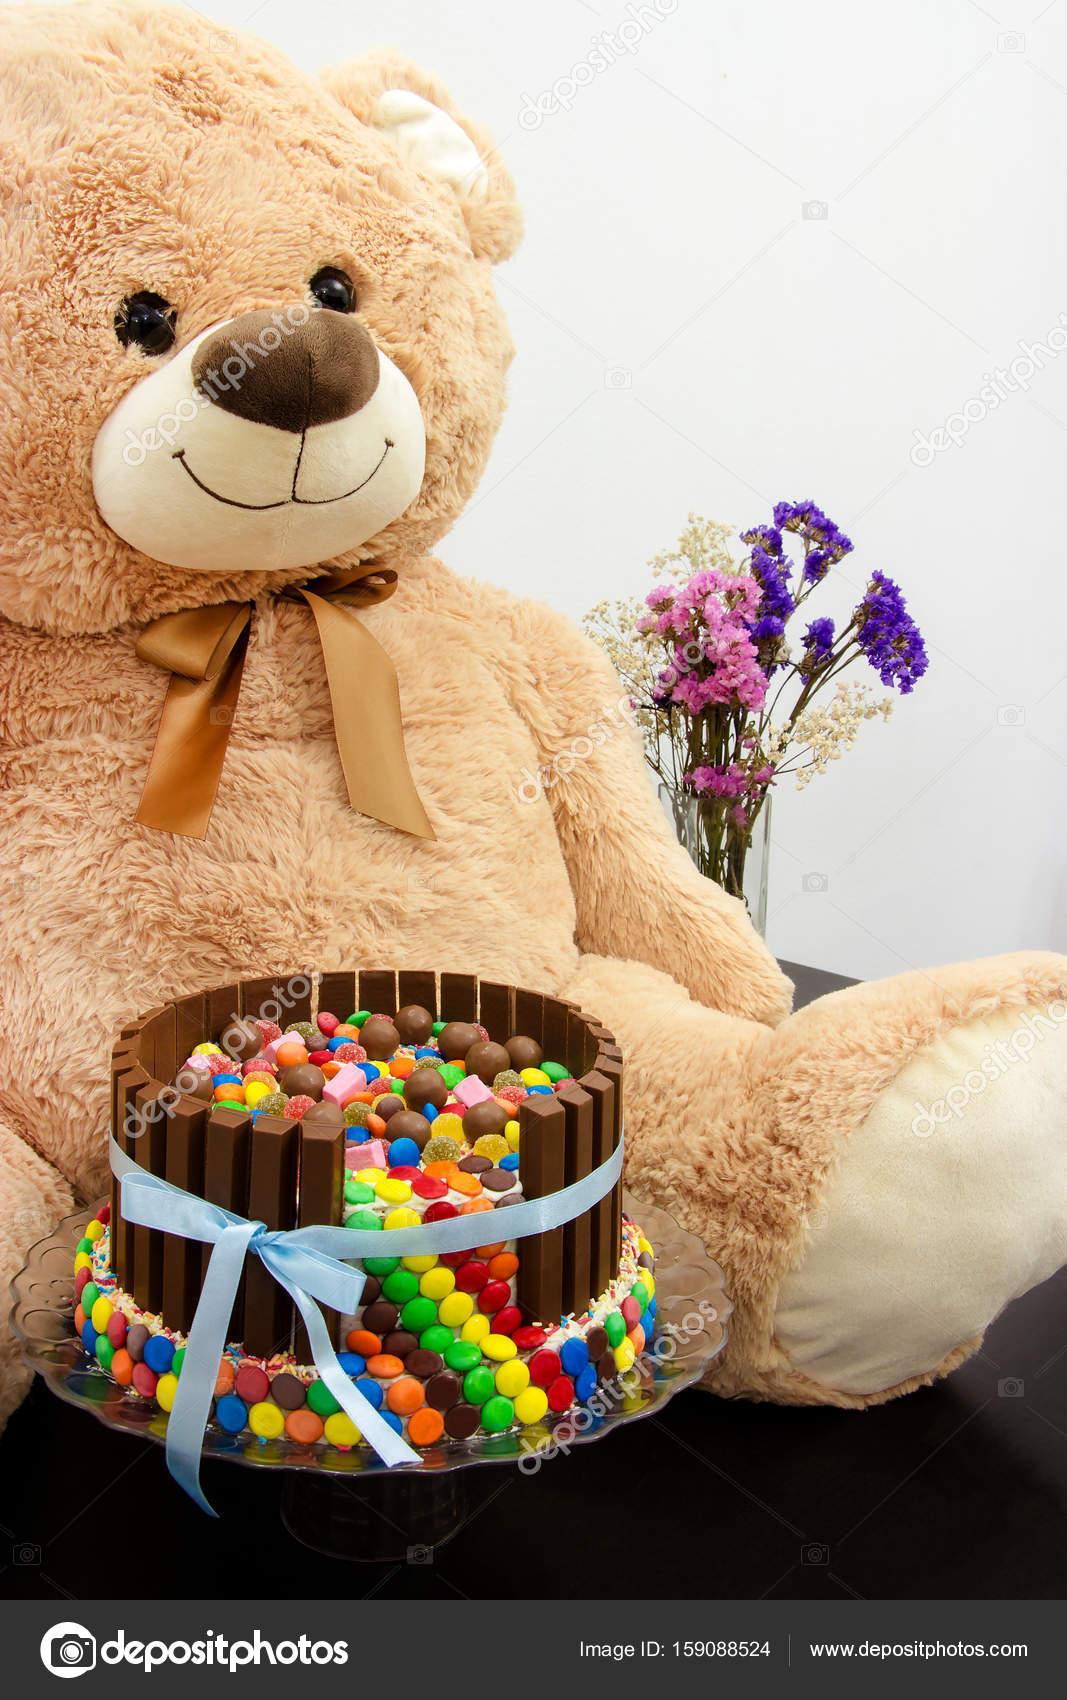 Happy Birthday Cake And Big Teddy Bear Festive Tea Party Pinata Stock